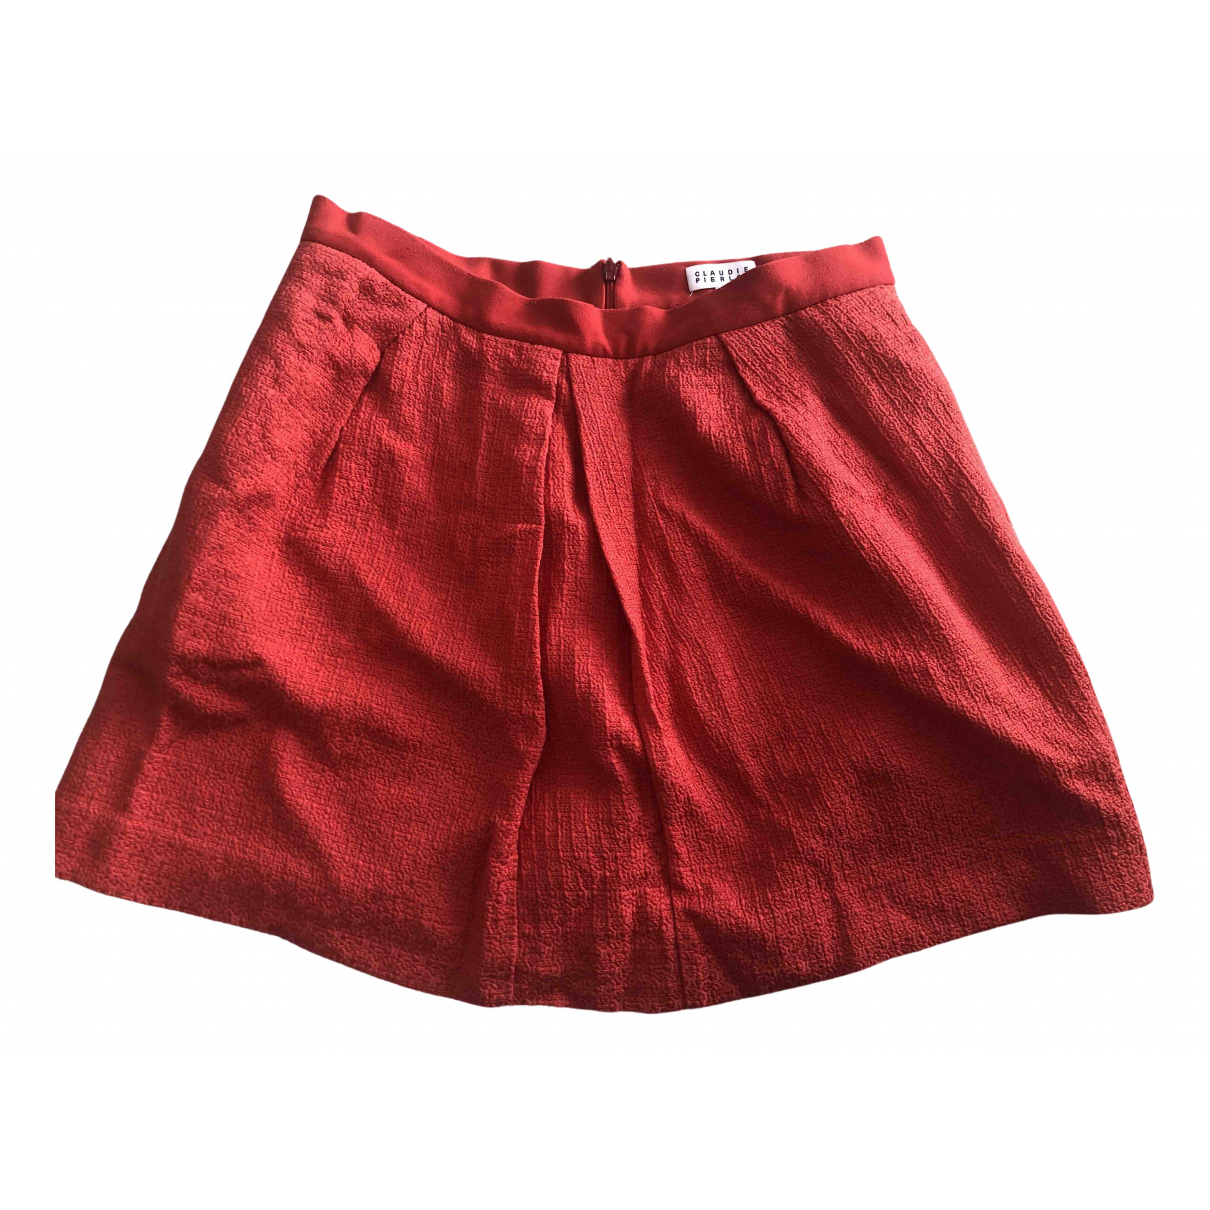 Claudie Pierlot - Jupe   pour femme en coton - rouge